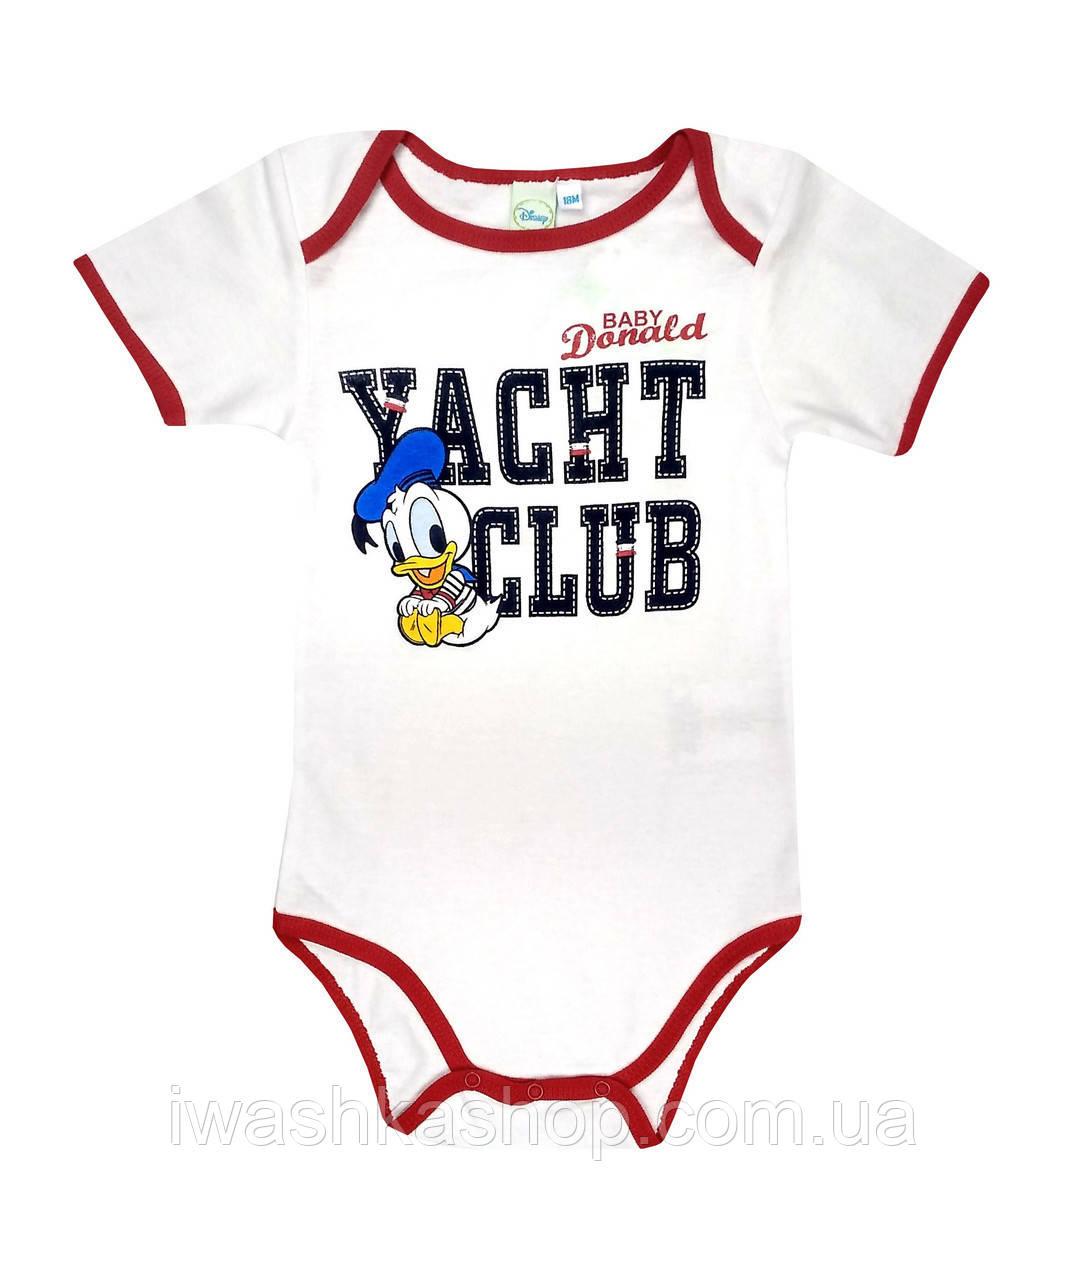 Стильне біле боді з коротким рукавом, з принтом Доналда Дака (Donald Duck) на хлопчика 9 місяців, Disney